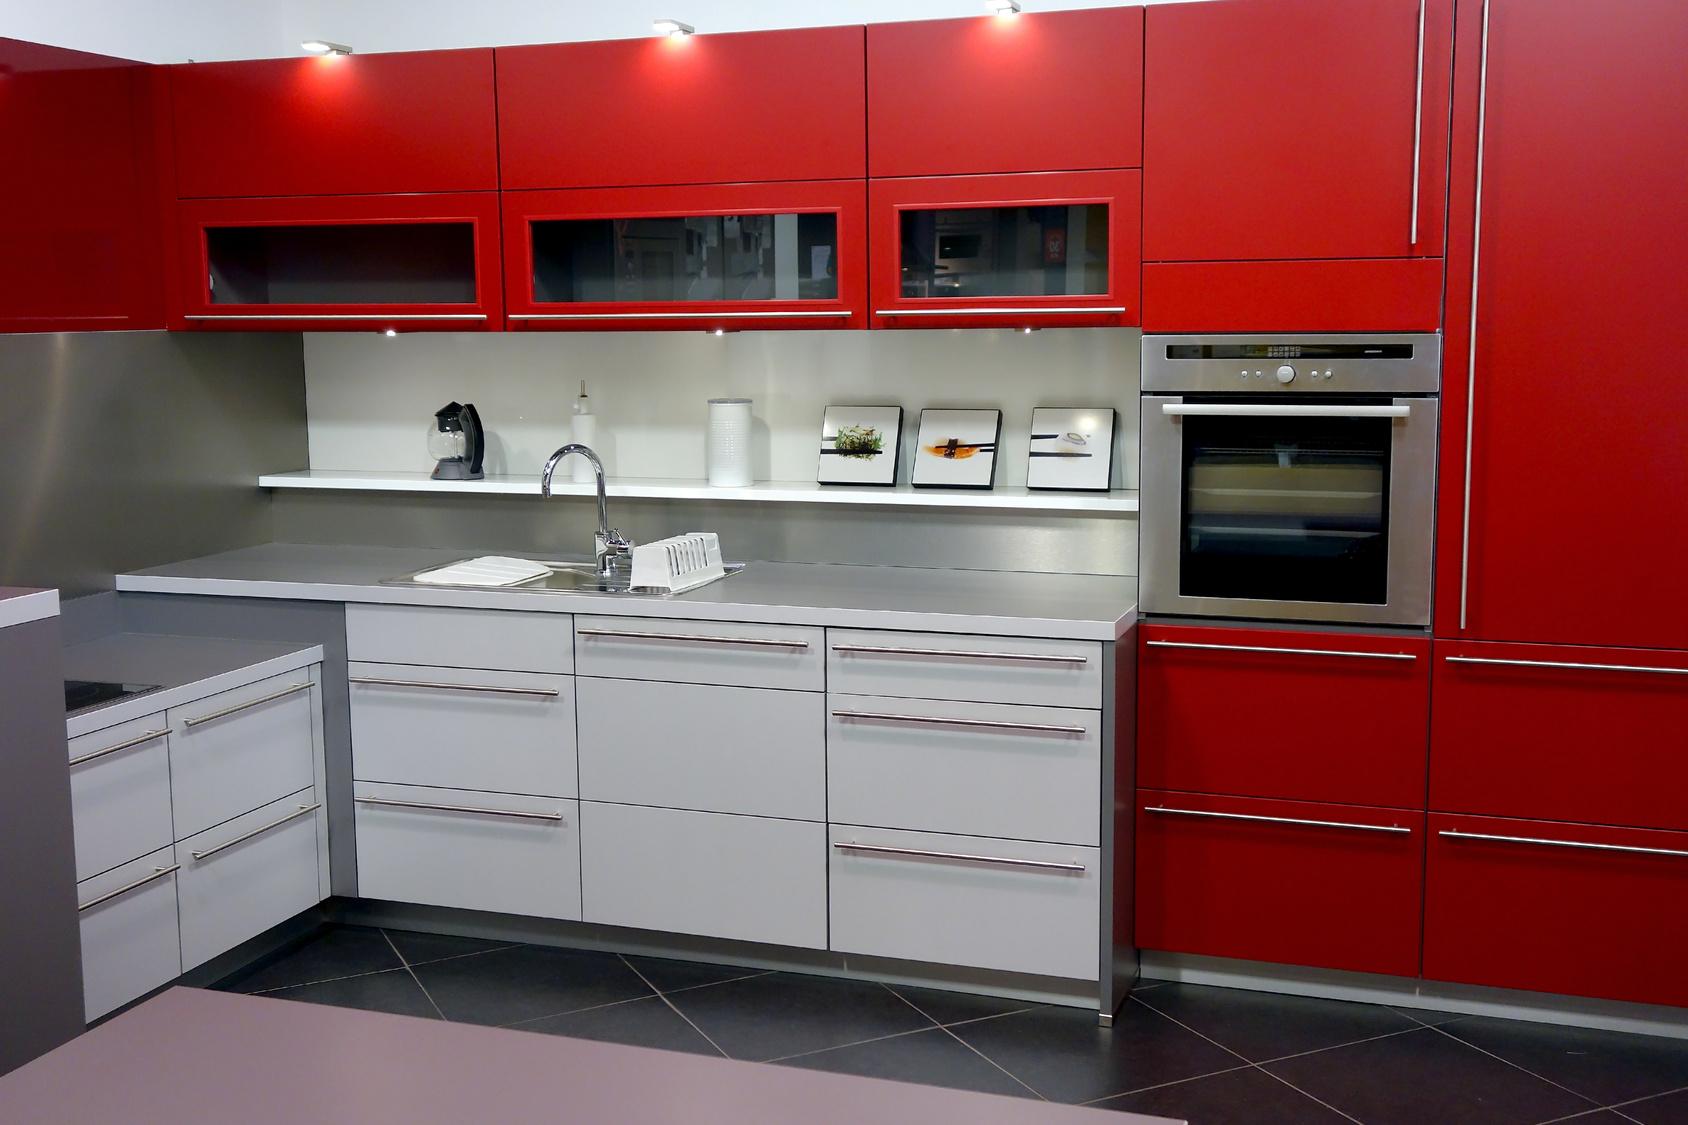 Moderní kuchyňský kout v kombinaci červené a bílé barvy.